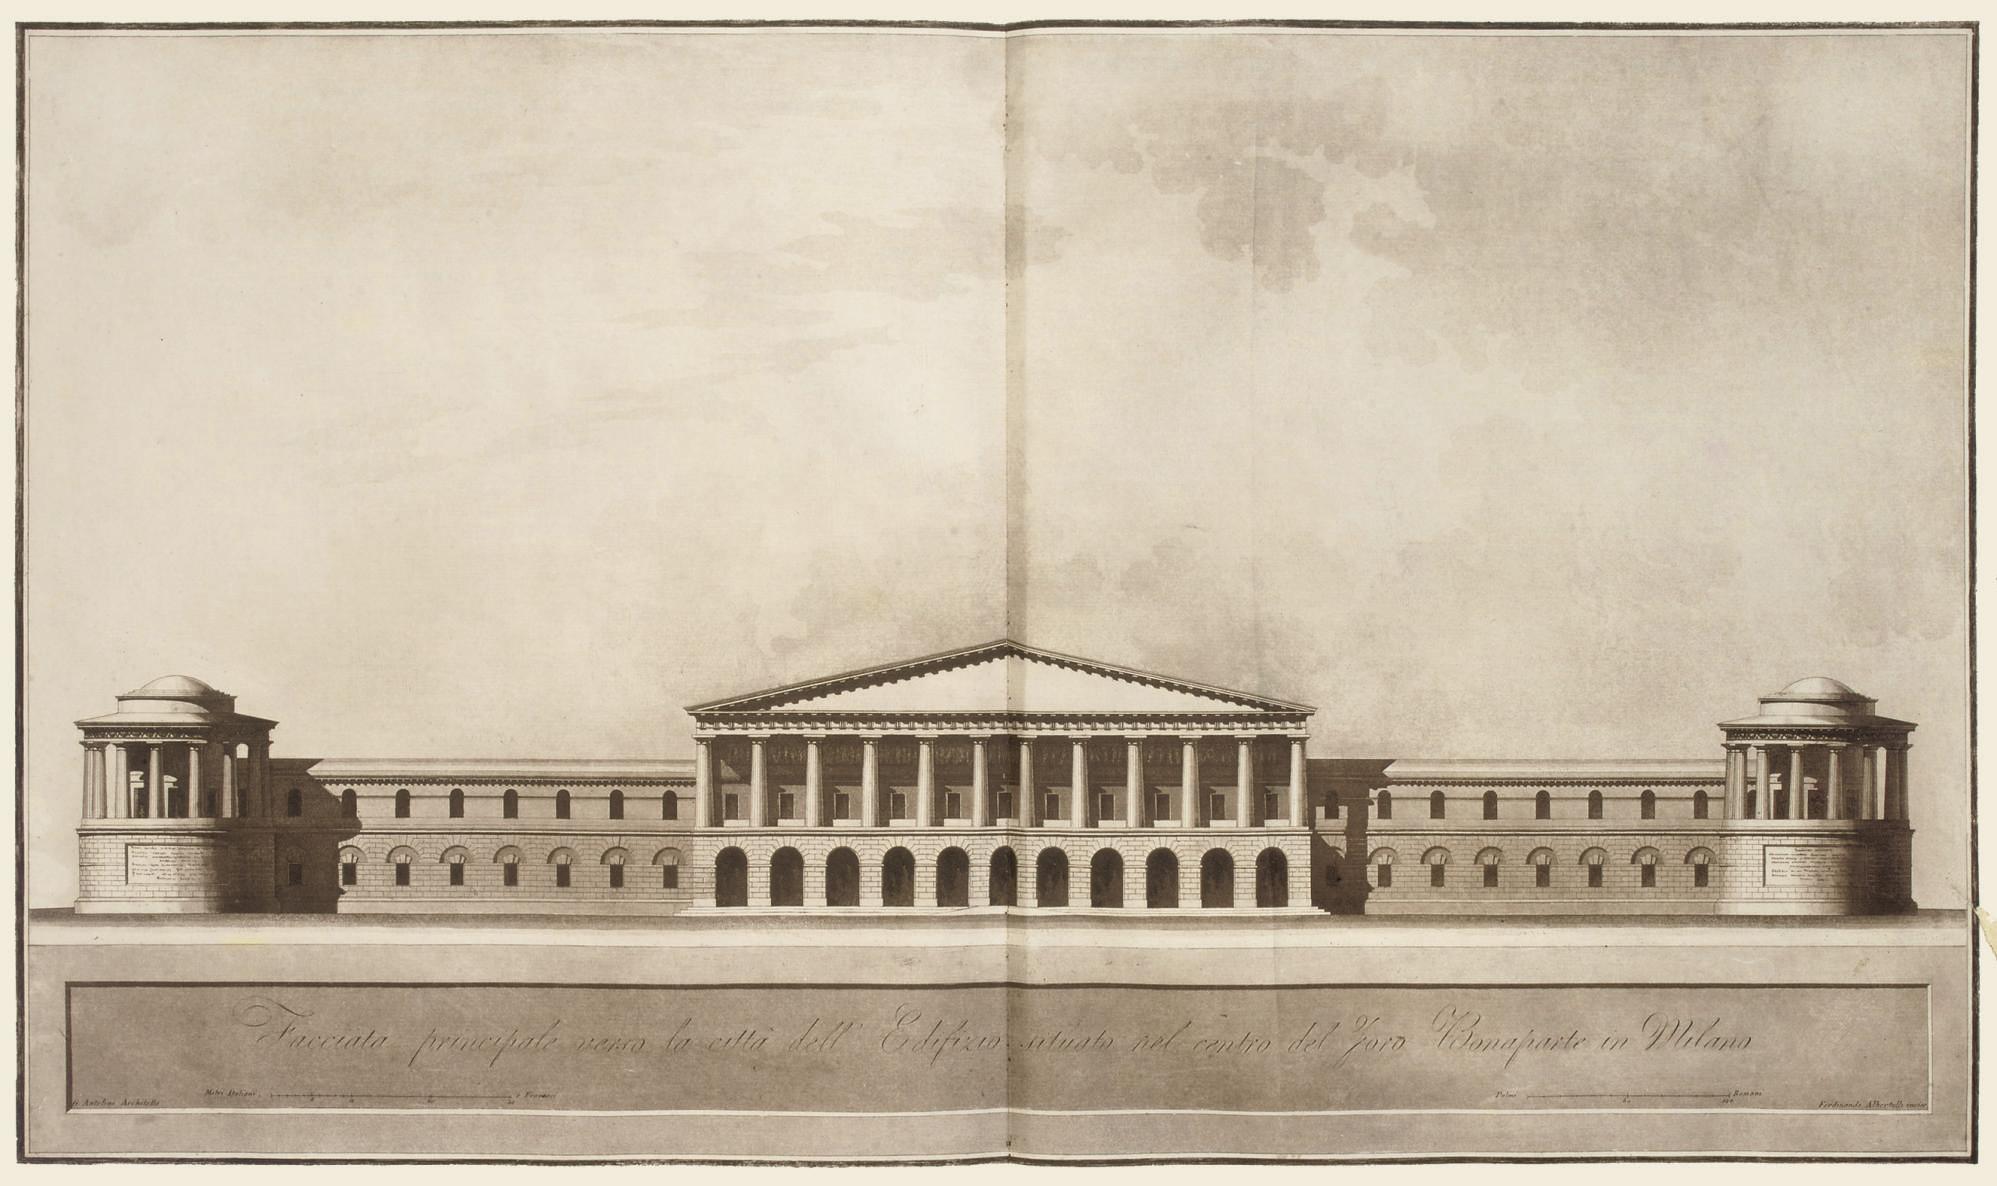 ANTOLINI, Giovanni (1754-1841)